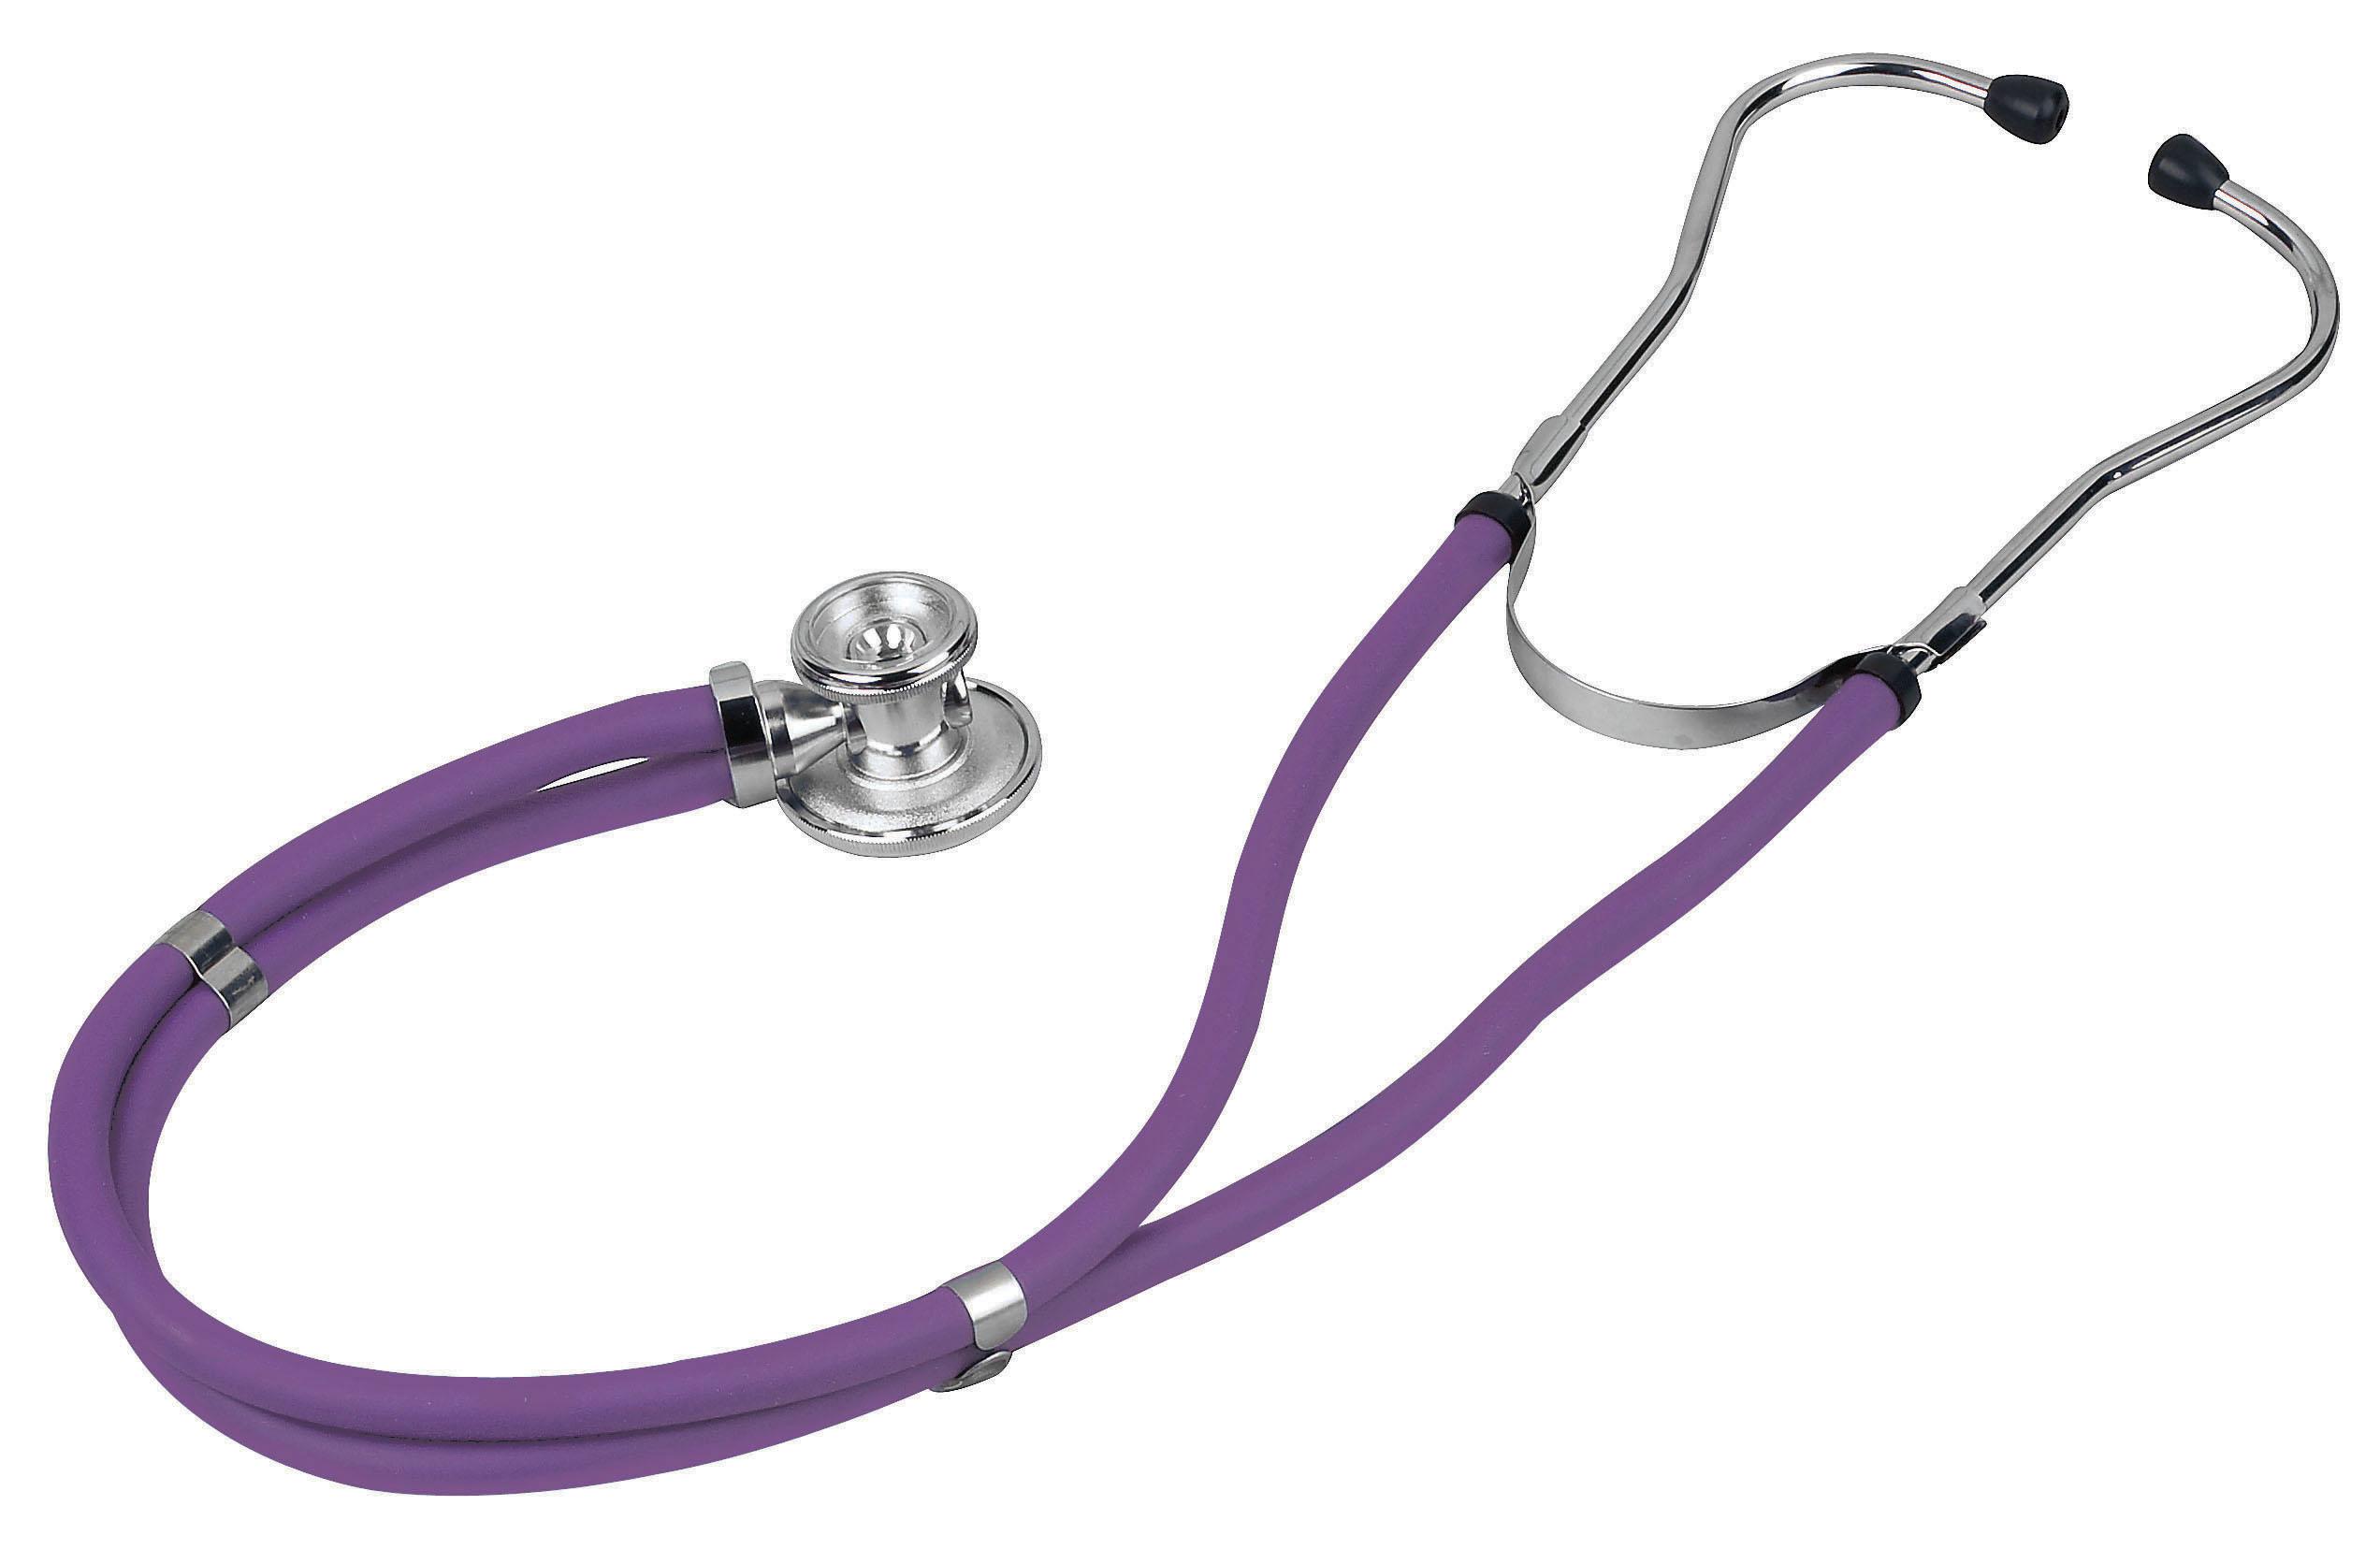 sterling-series-sprague-rappaport-type-stethoscope-purple-slider-pack-05-11111-veridian-4.jpg